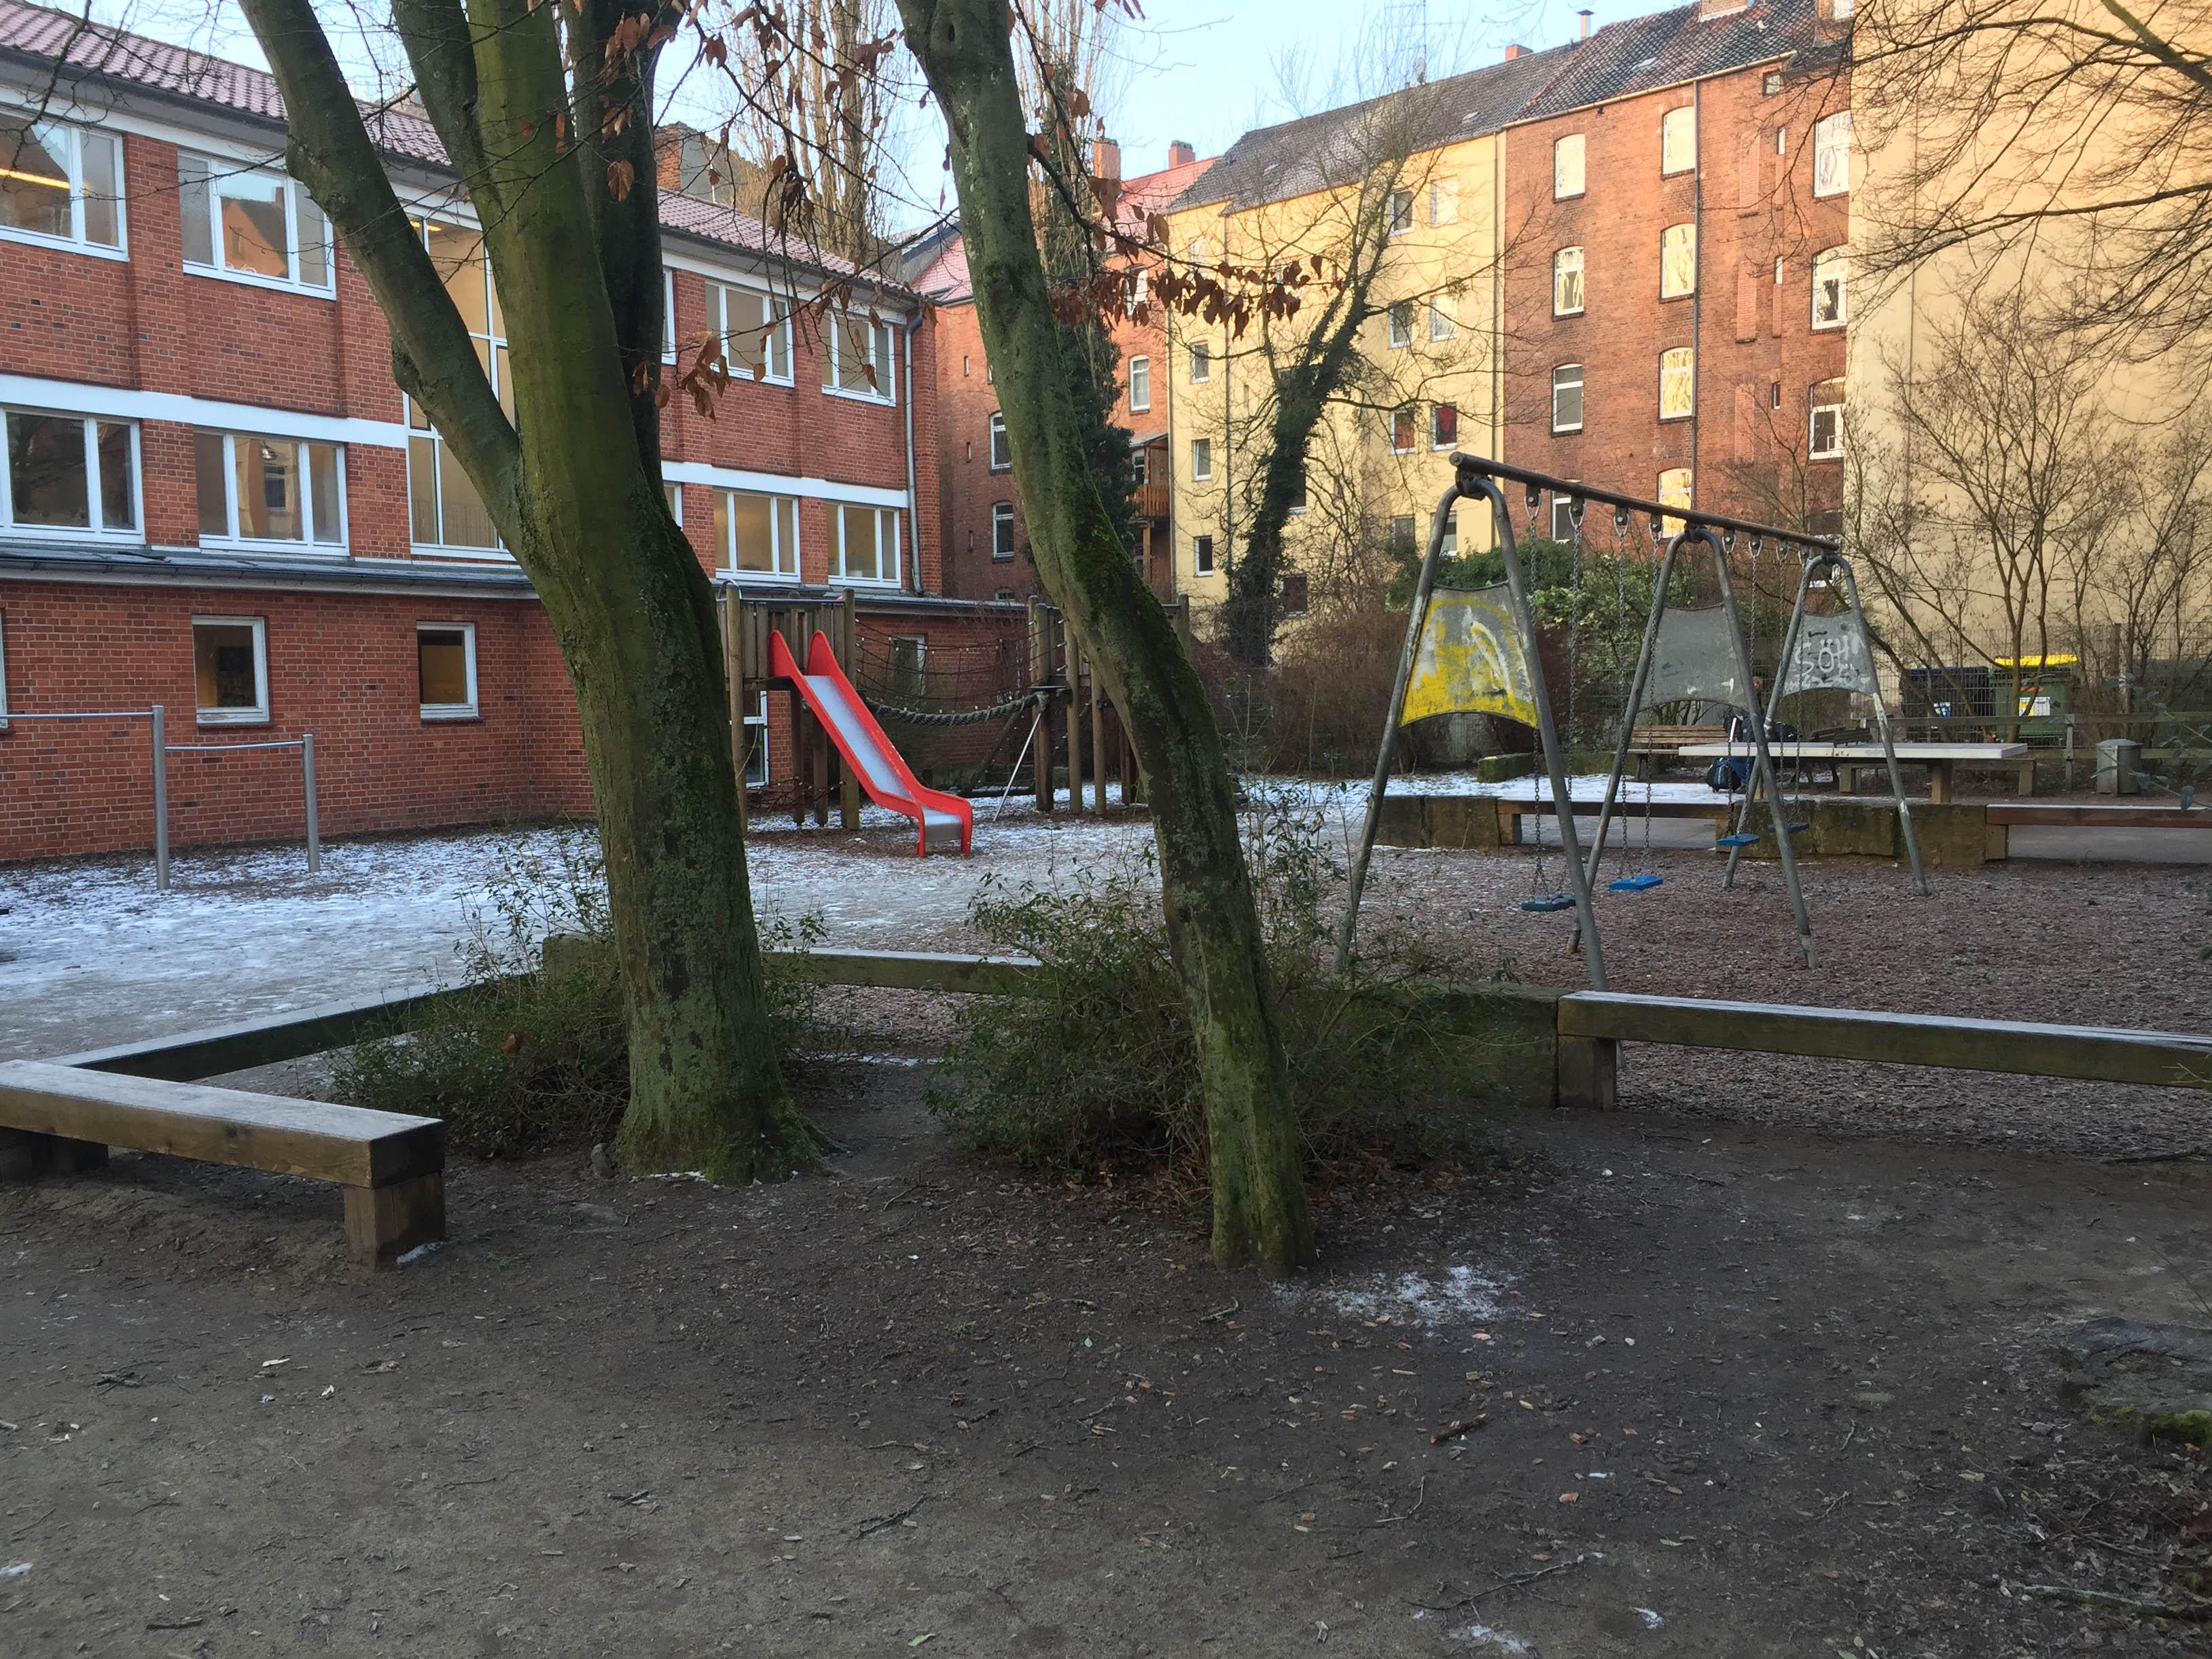 Spielplatz mit Rutsche und Schaukeln.